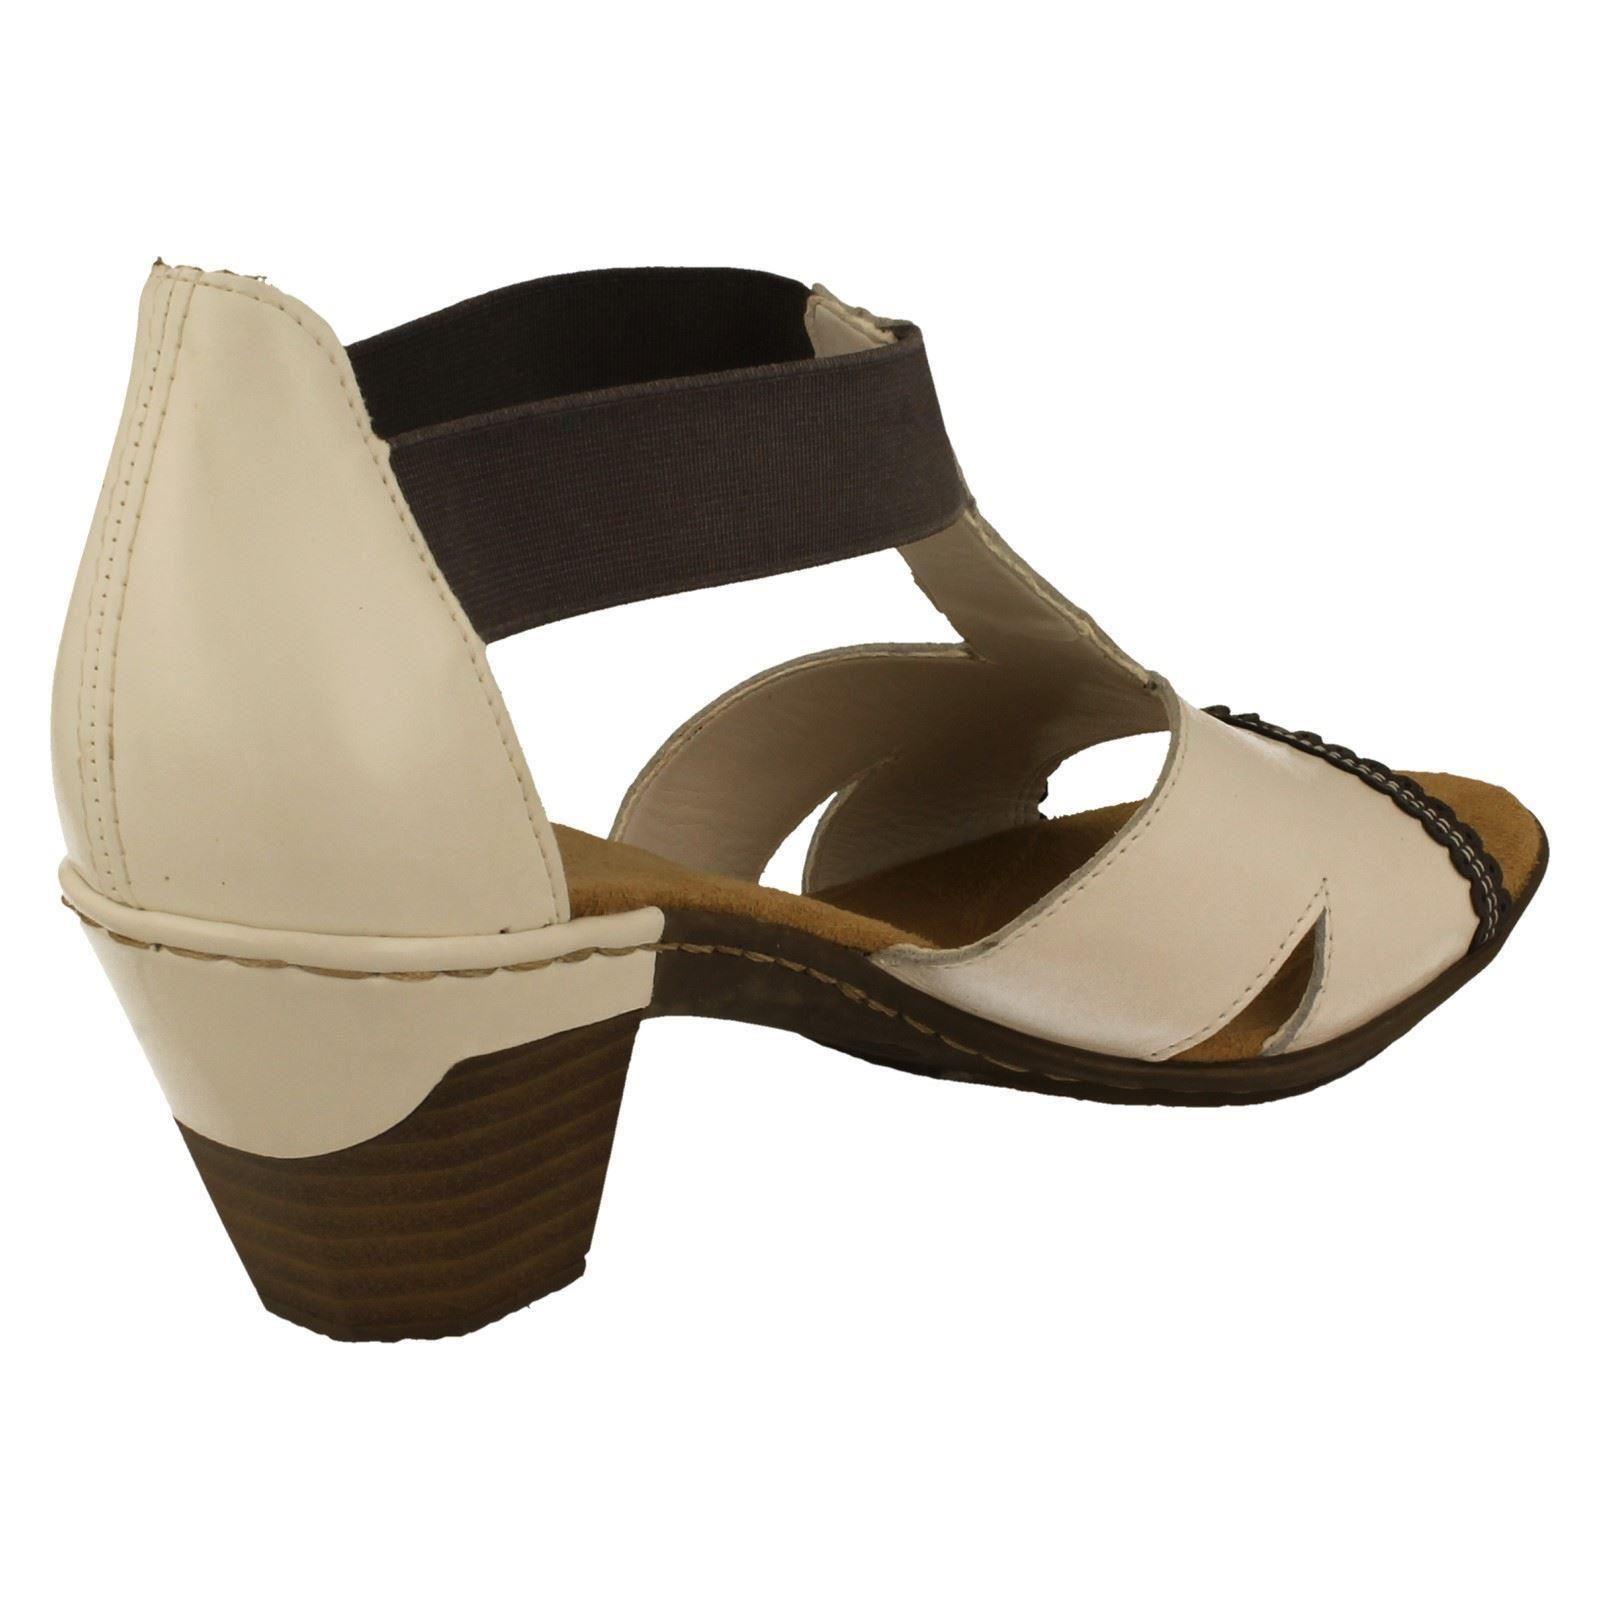 monsieur sandales / madame mesdames rieker sandales monsieur 67388w prix respectueuses de l'habilitation des soldes d0ce4b